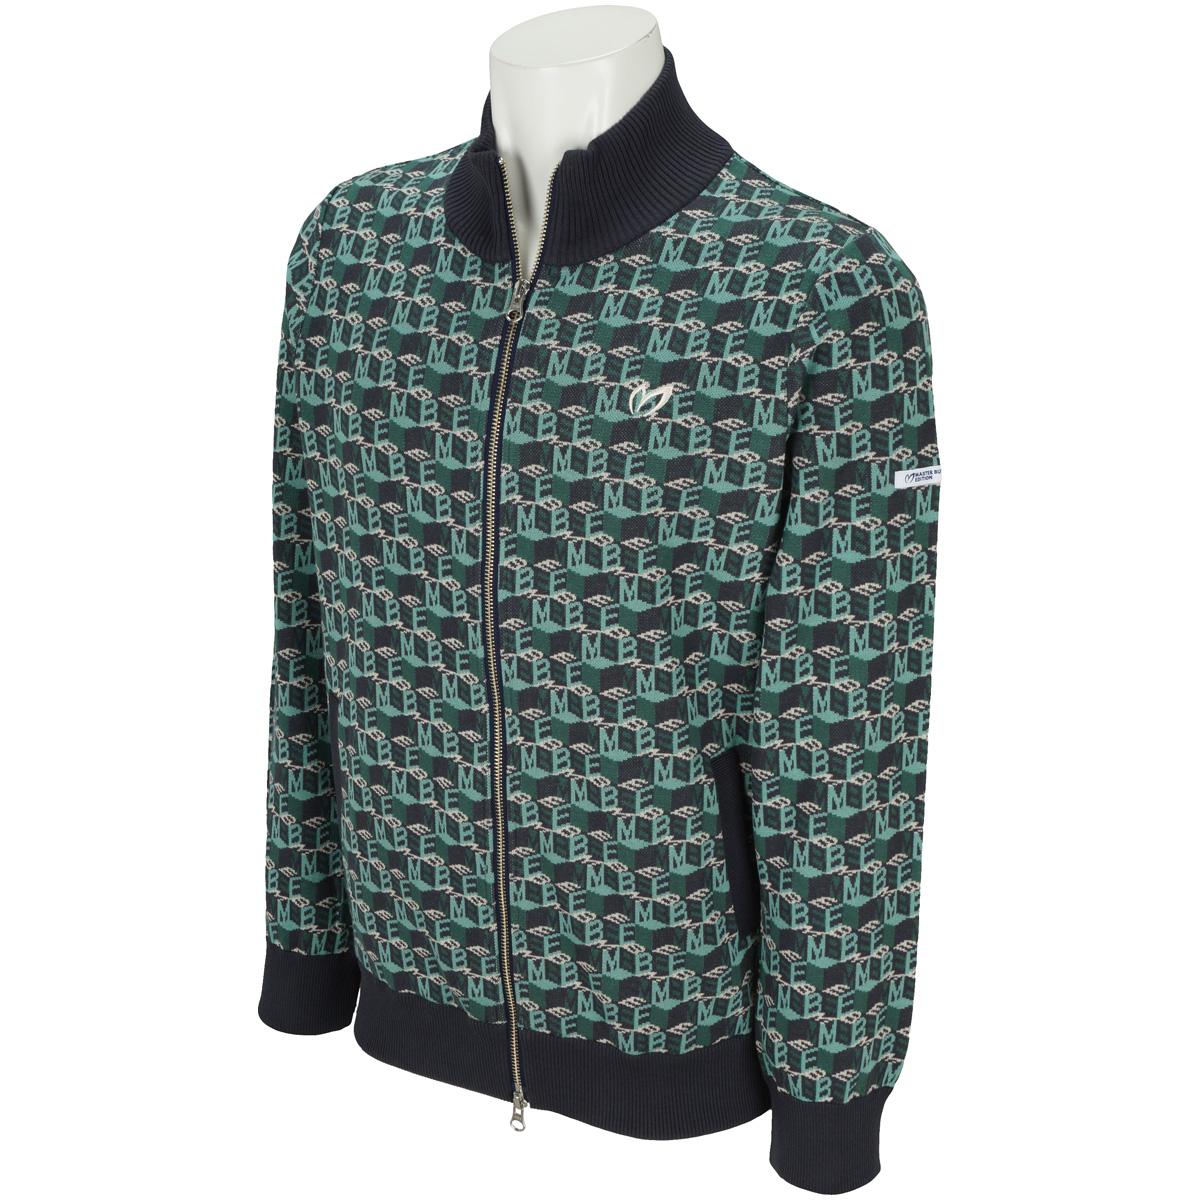 キューブMBEロゴ柄セーター